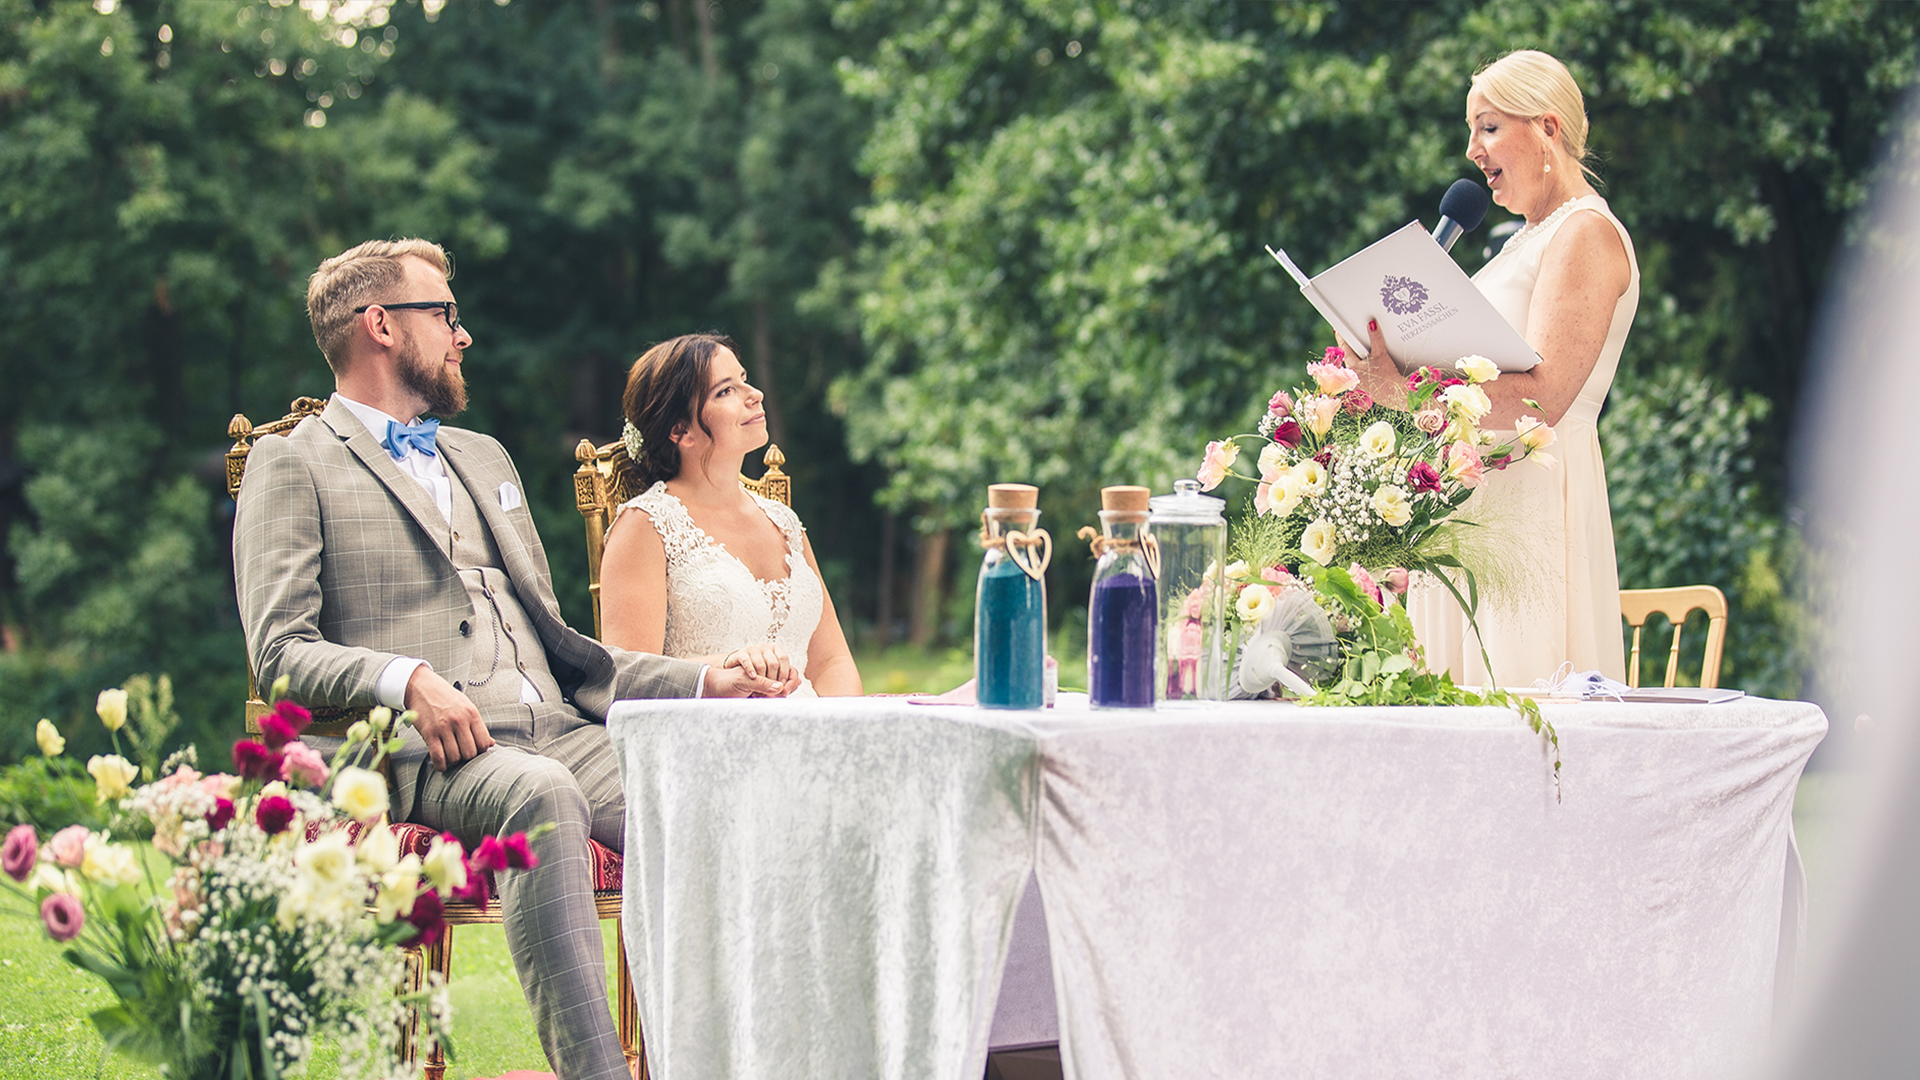 Eva Fassl die Hochzeitsrednerin - Ice-Wedding.at 4